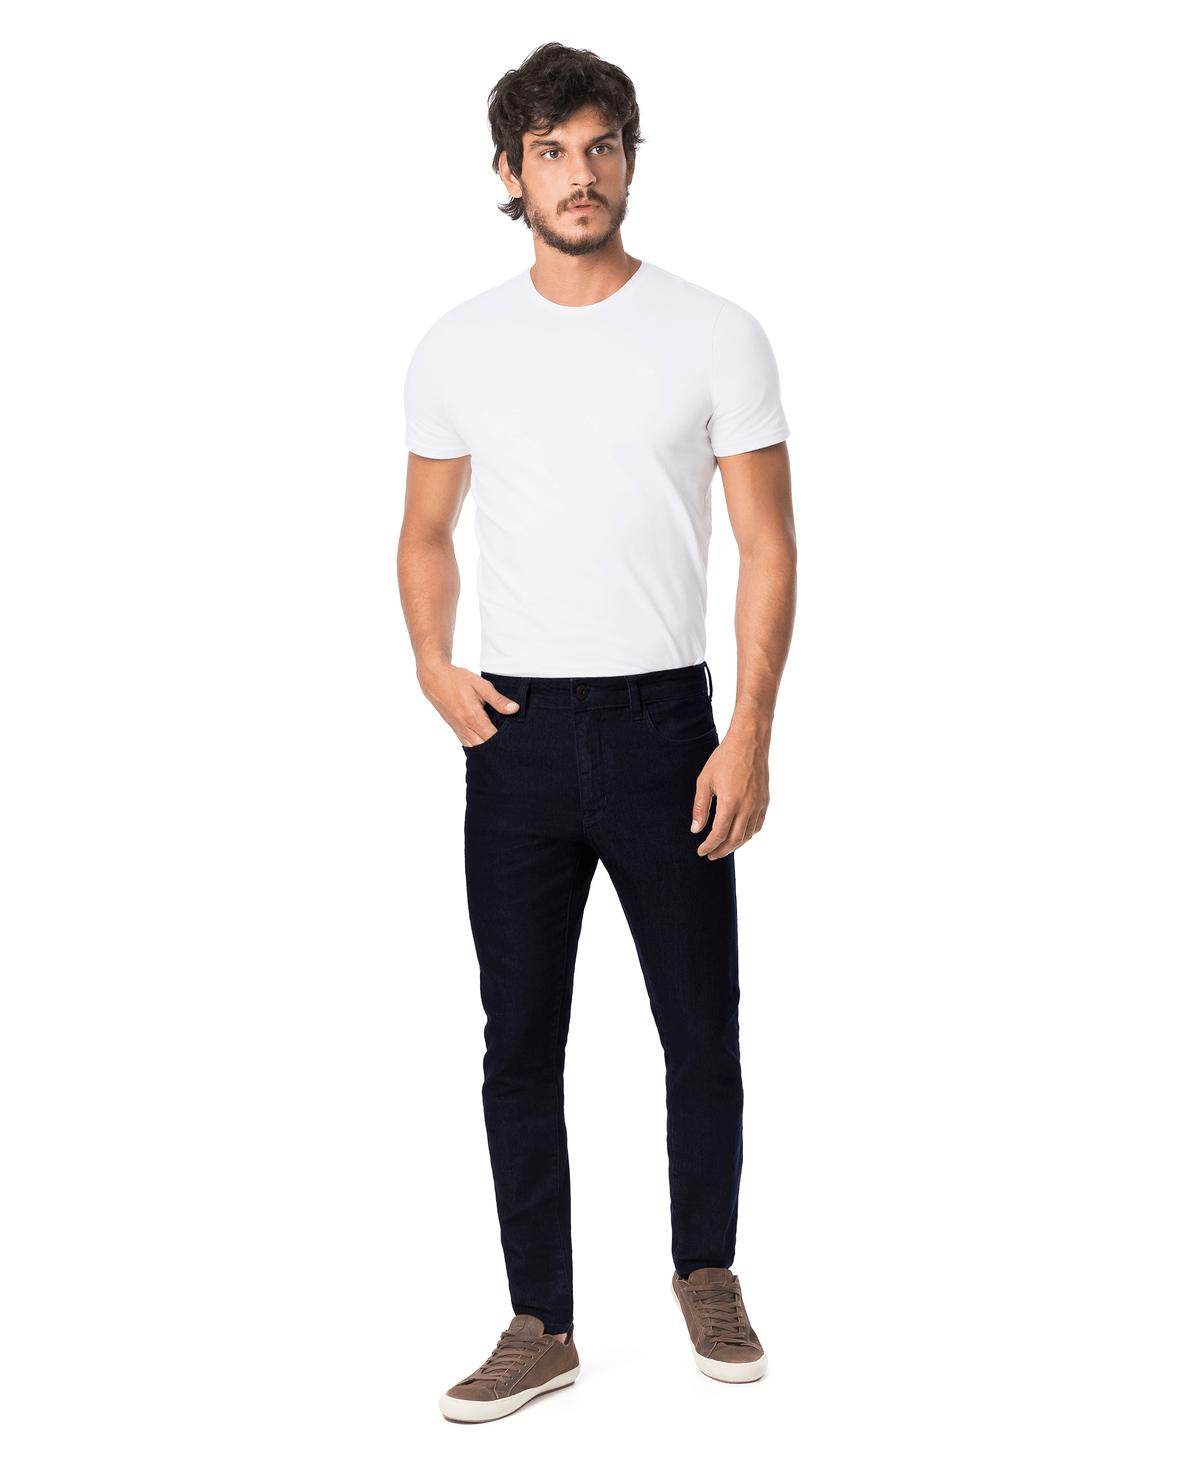 Calca-Jeans-Masculina-Lunender